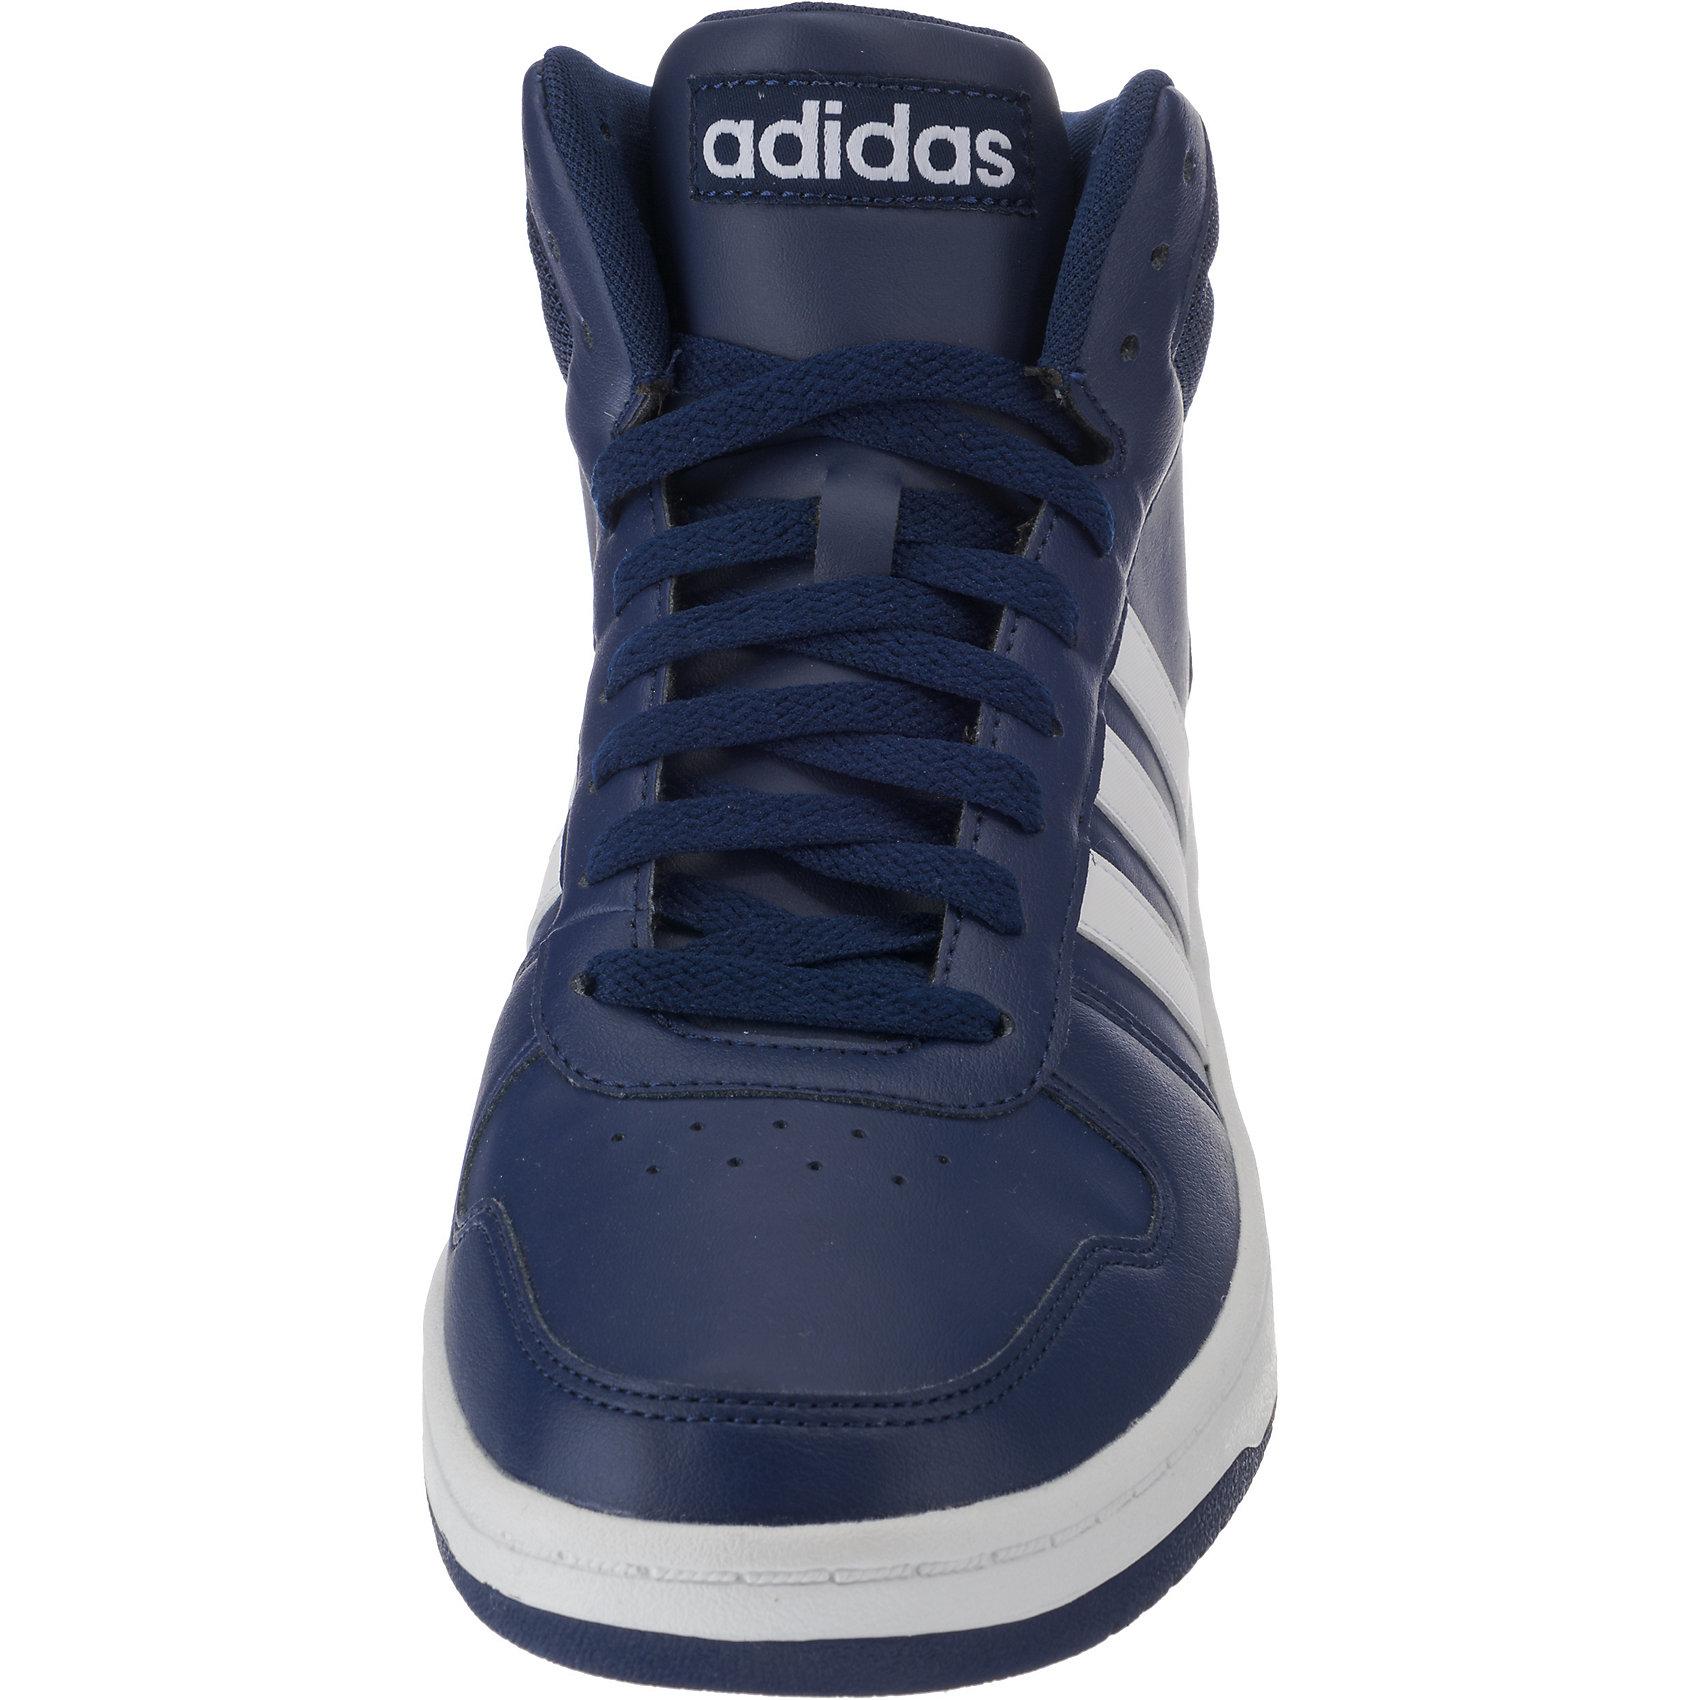 Details zu adidas Sport Inspired Hoops Mid 2.0 Sneaker Herren NEU Schuhe Turnschuhe